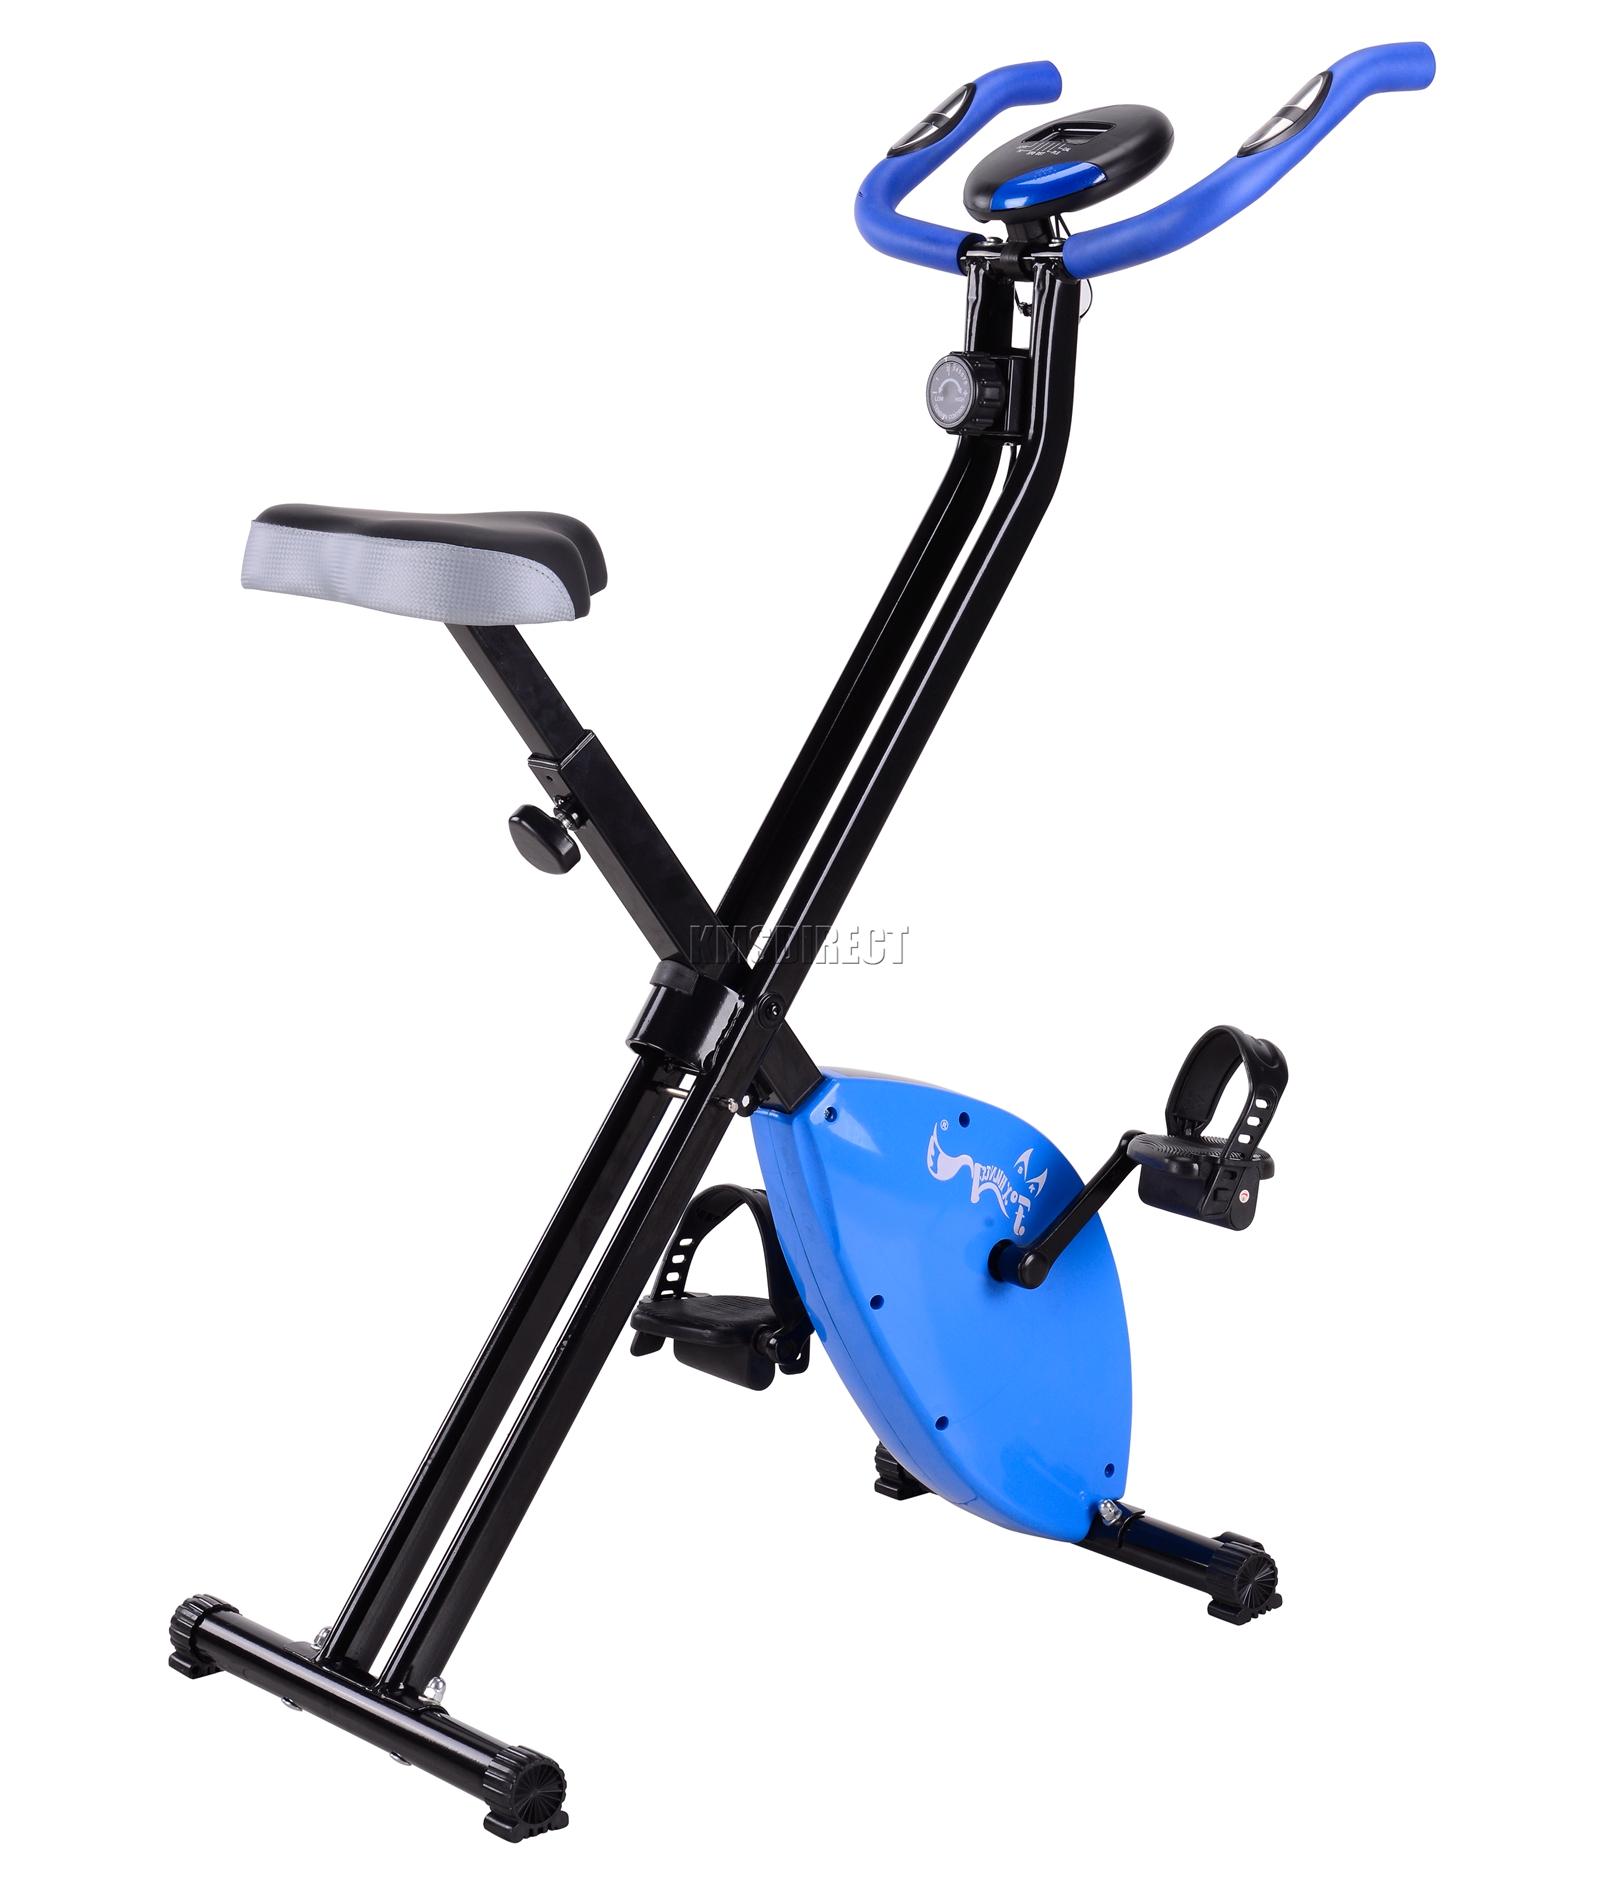 heimtrainer zusammenfaltbar magnetisch x fahrrad fitness cardio workout ebay. Black Bedroom Furniture Sets. Home Design Ideas